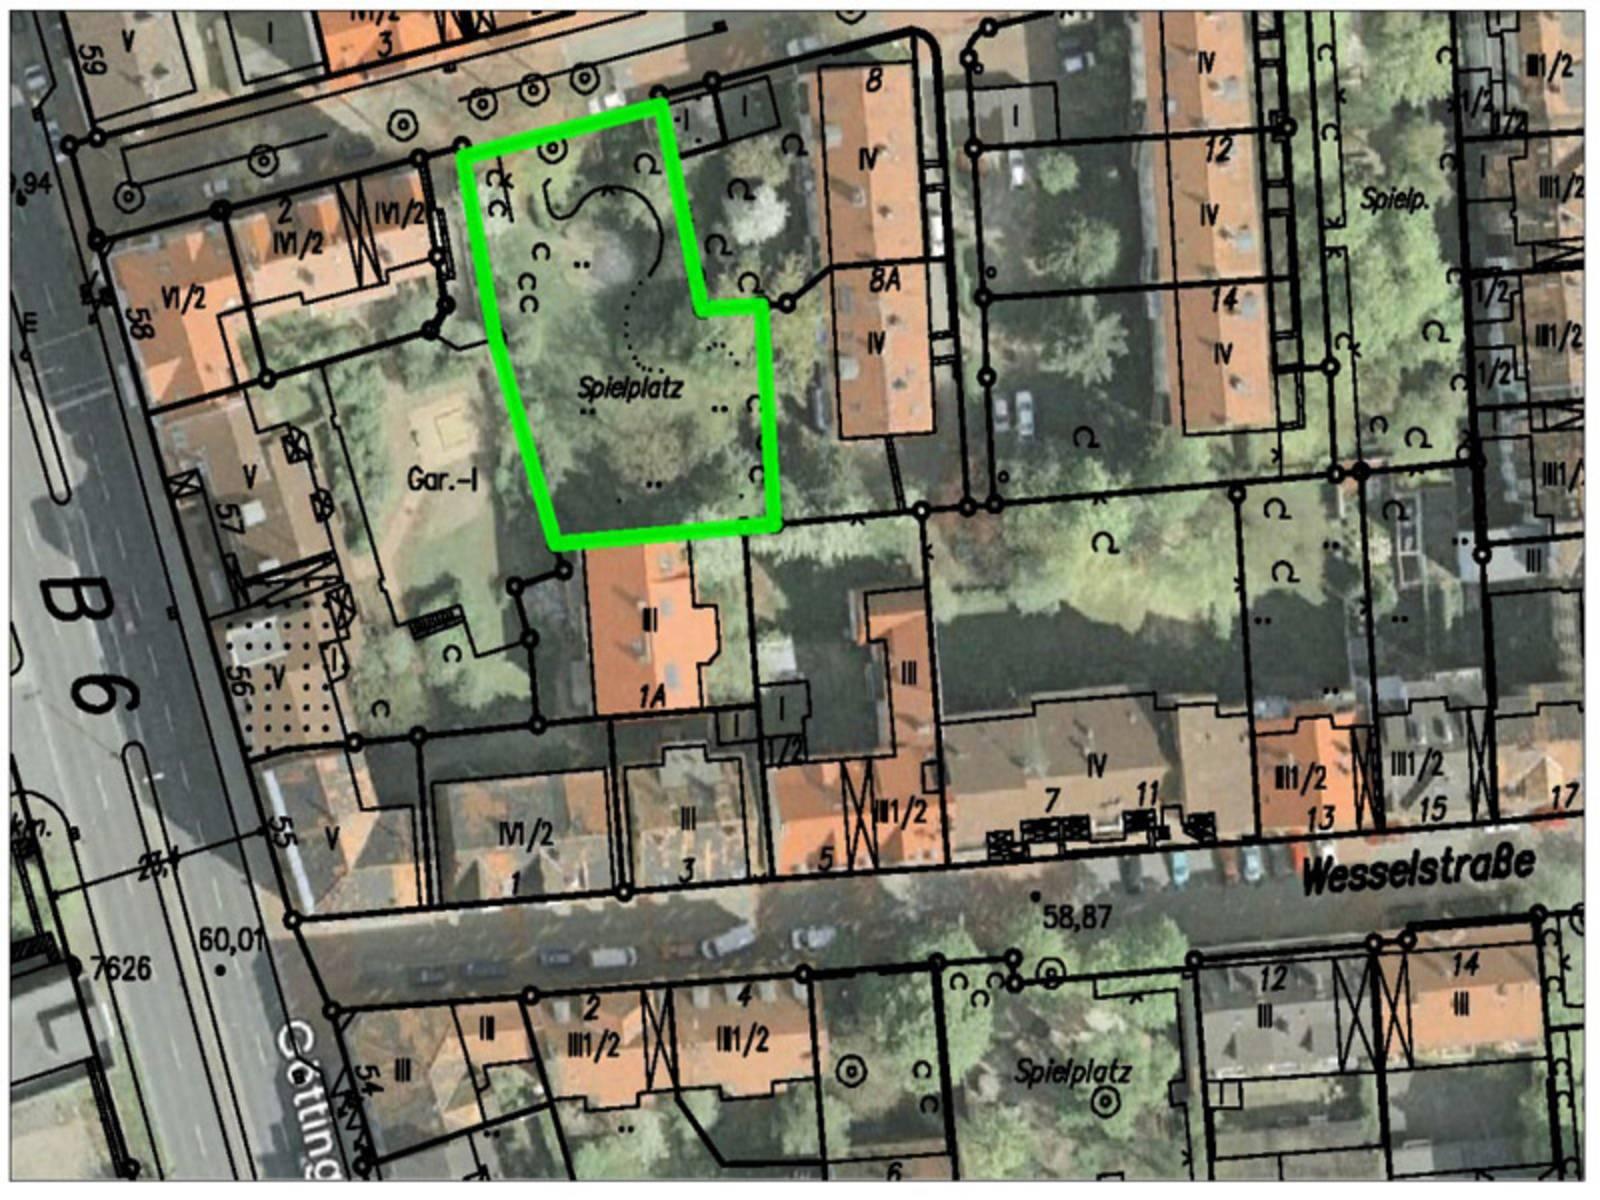 Kartenausschnitt, auf dem die Lage des Spielplatzes Behnsenstraße West eingezeichnet ist